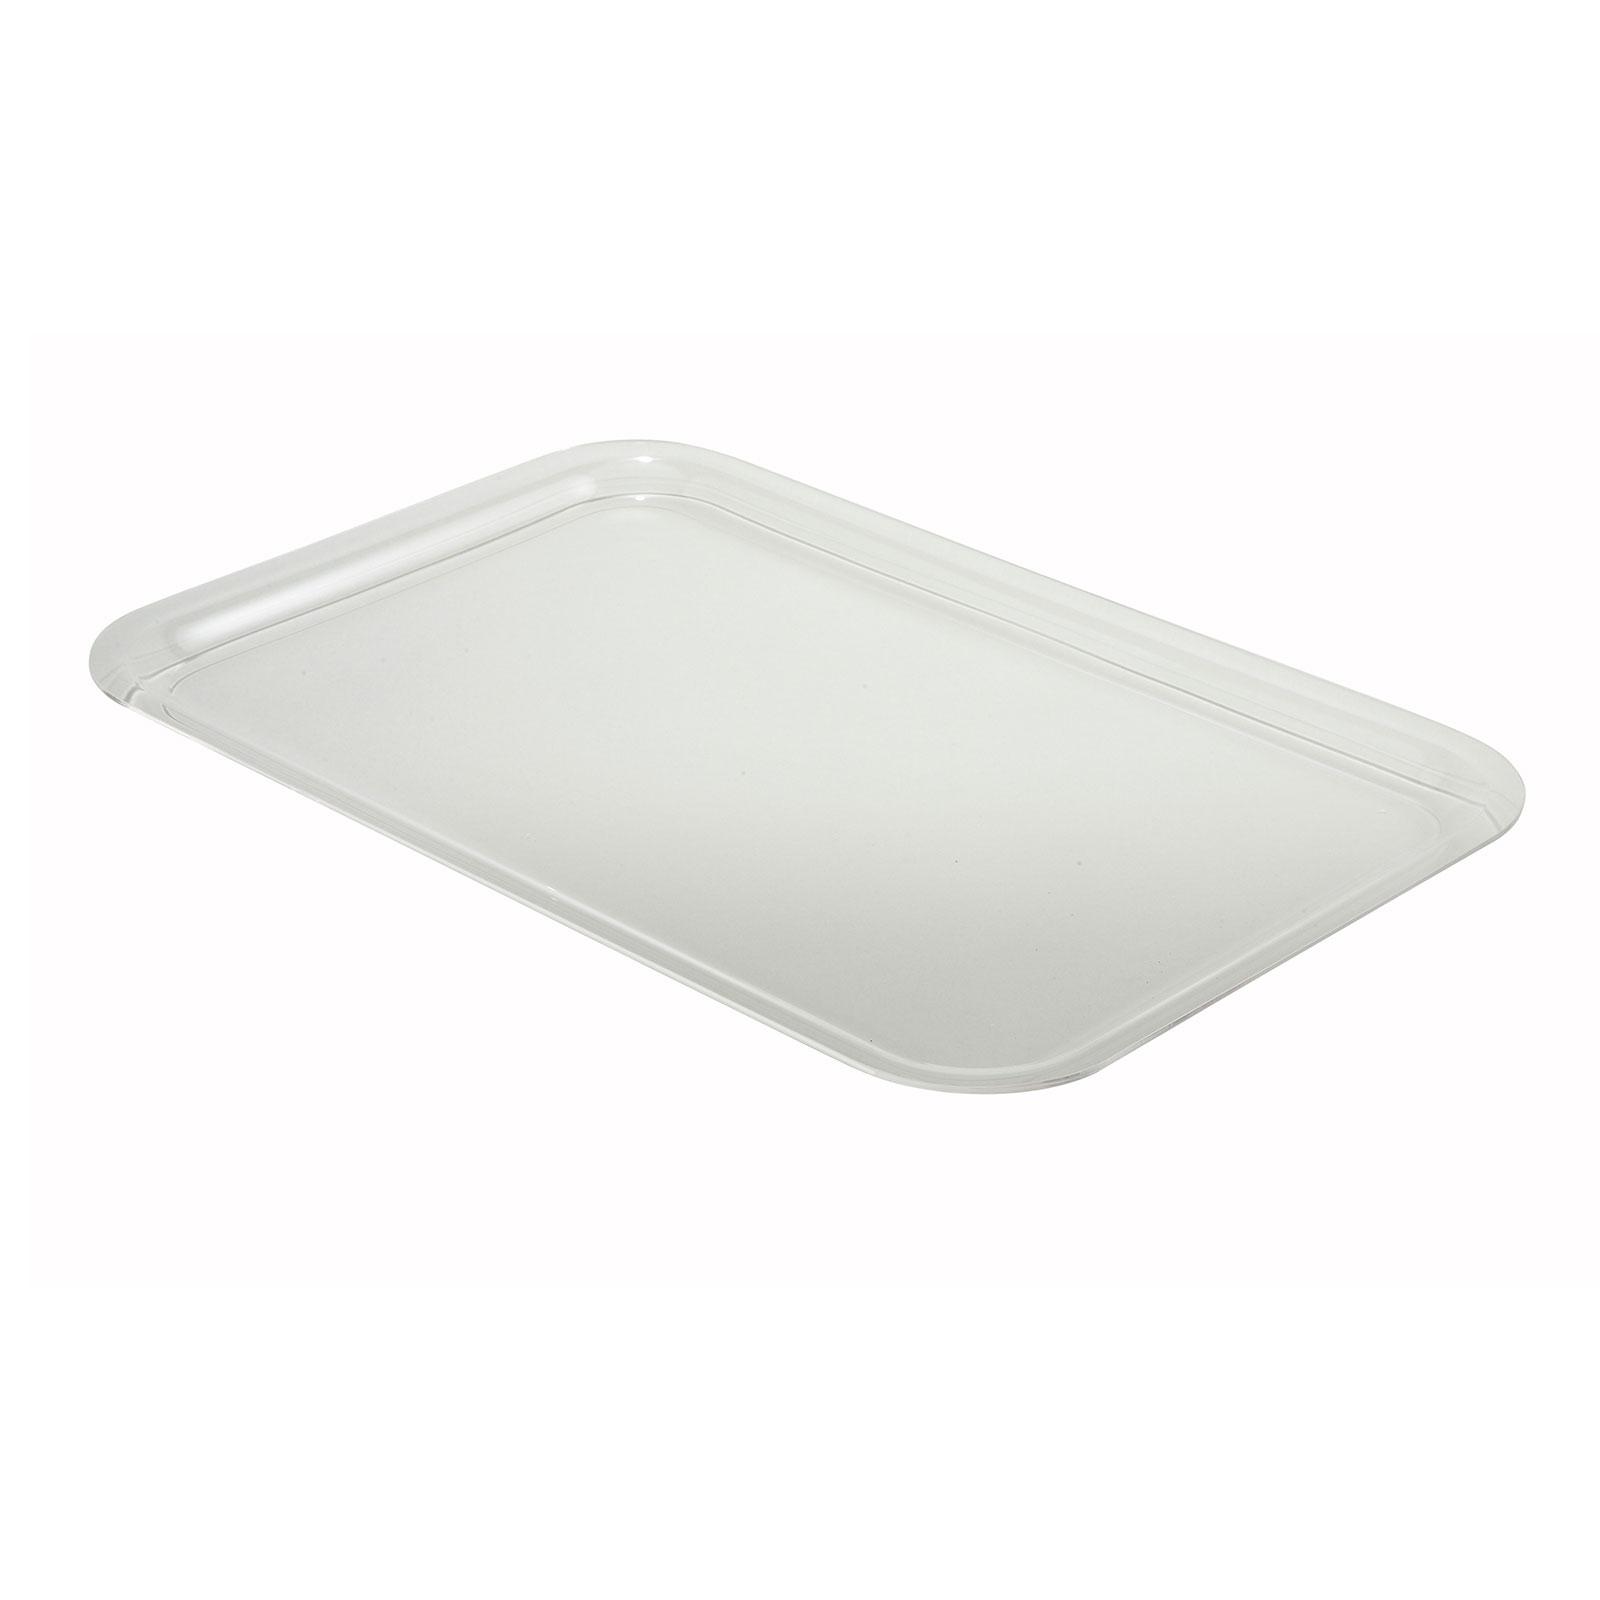 Winco ADC-TY display tray, market / bakery